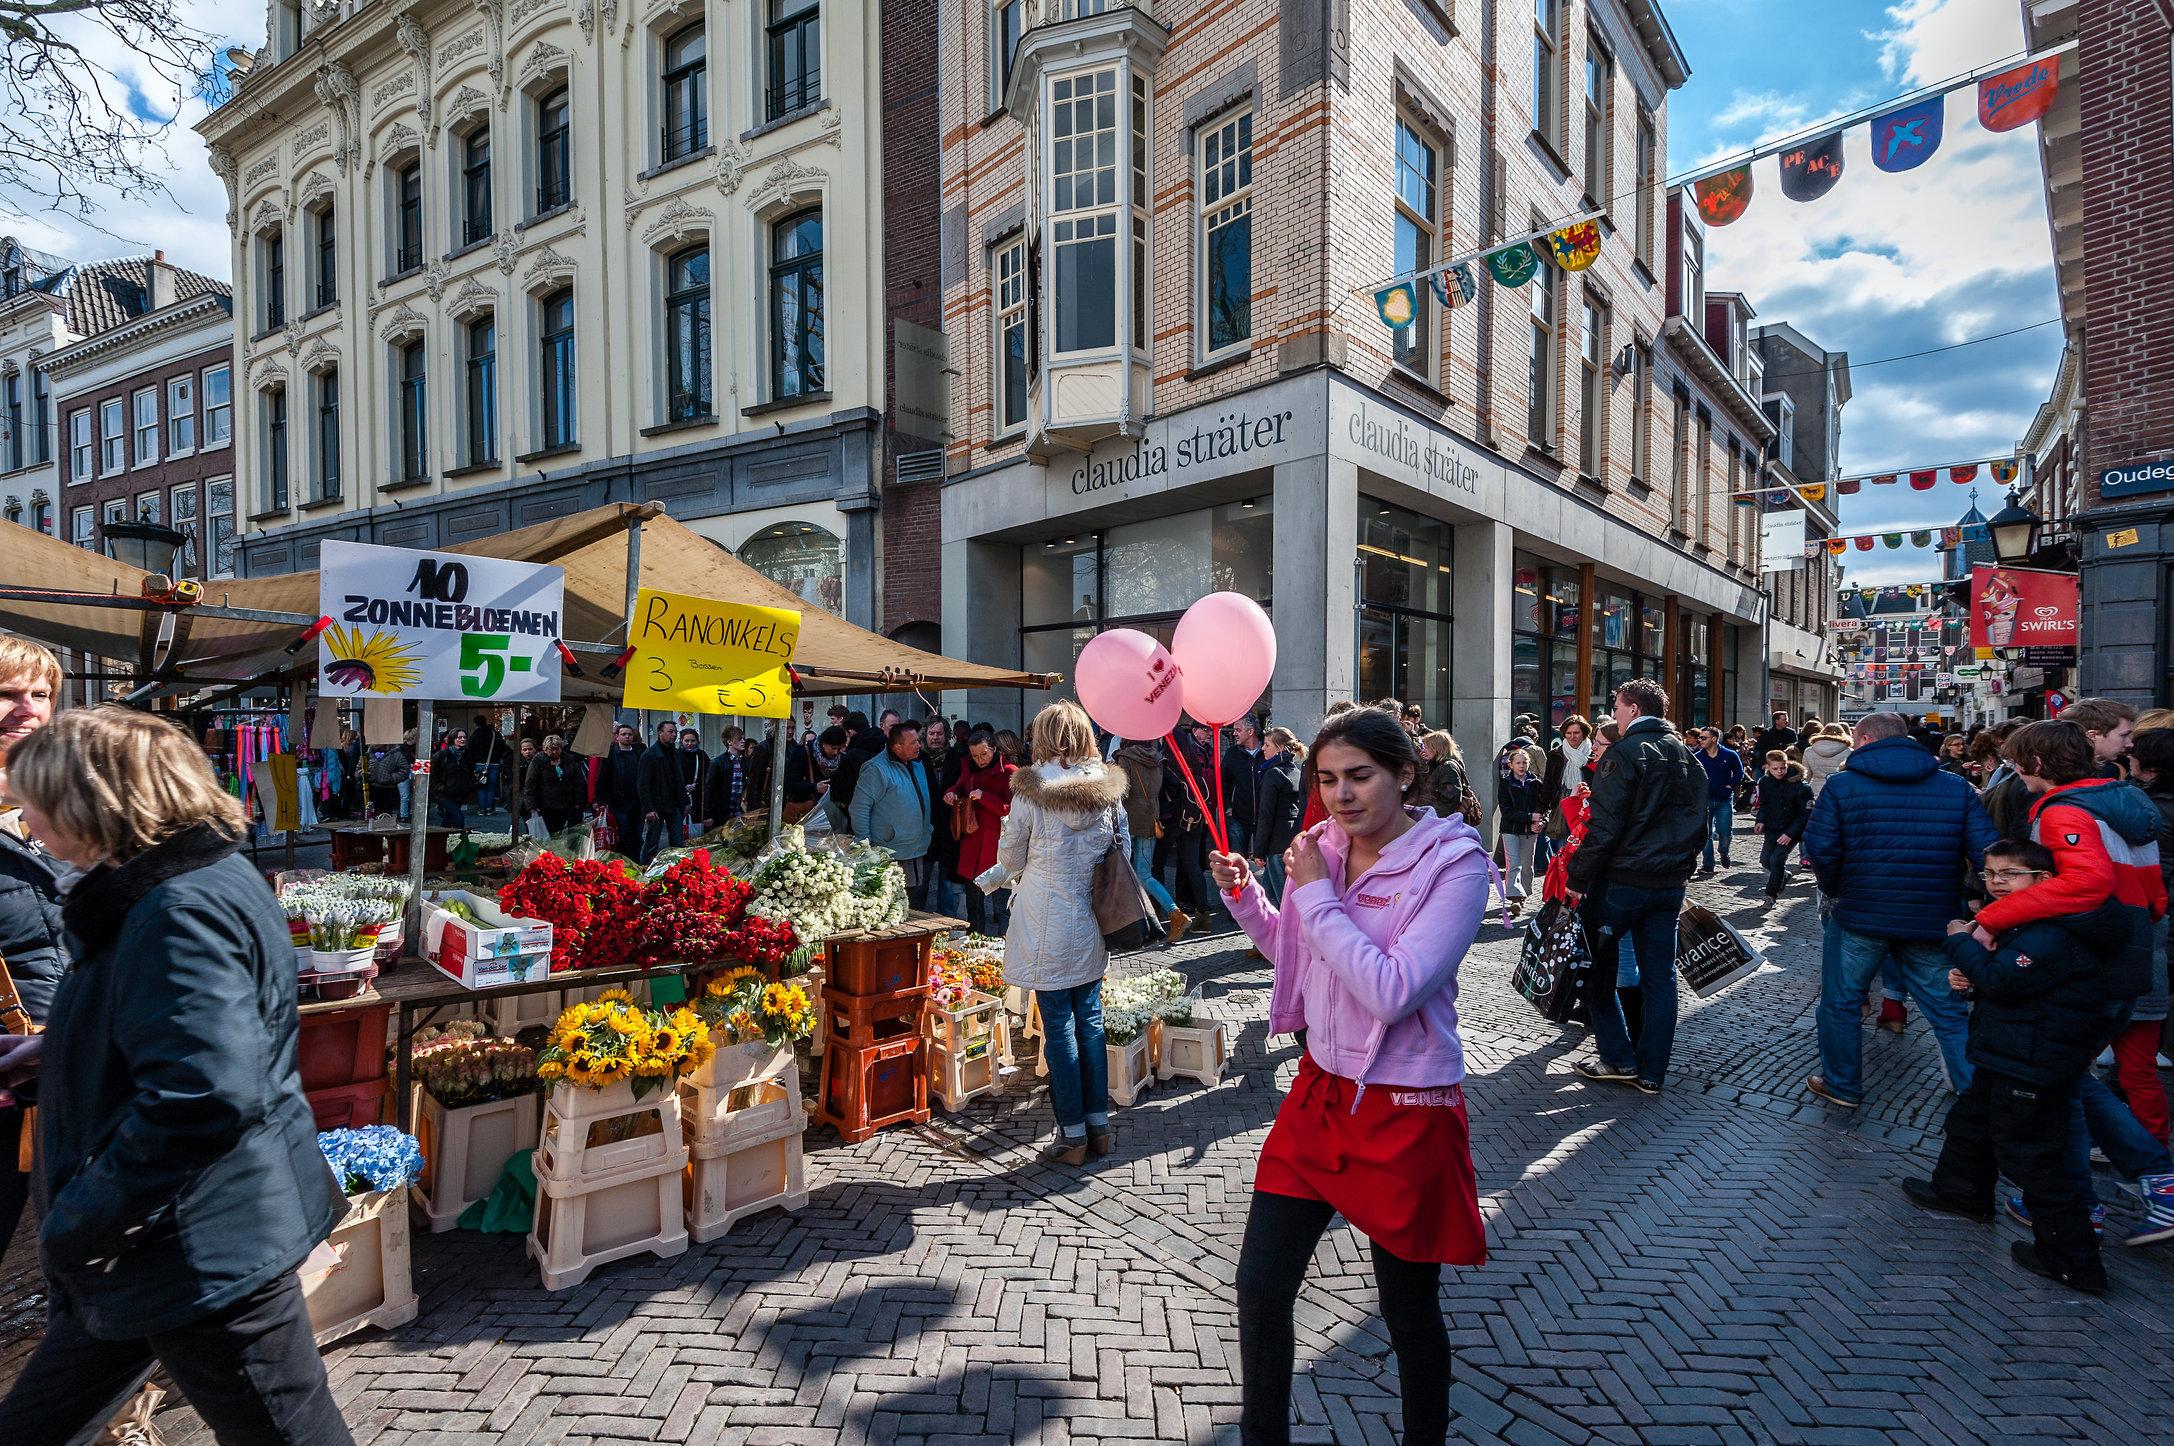 Claudia Sträter, Oude Gracht, Utrecht